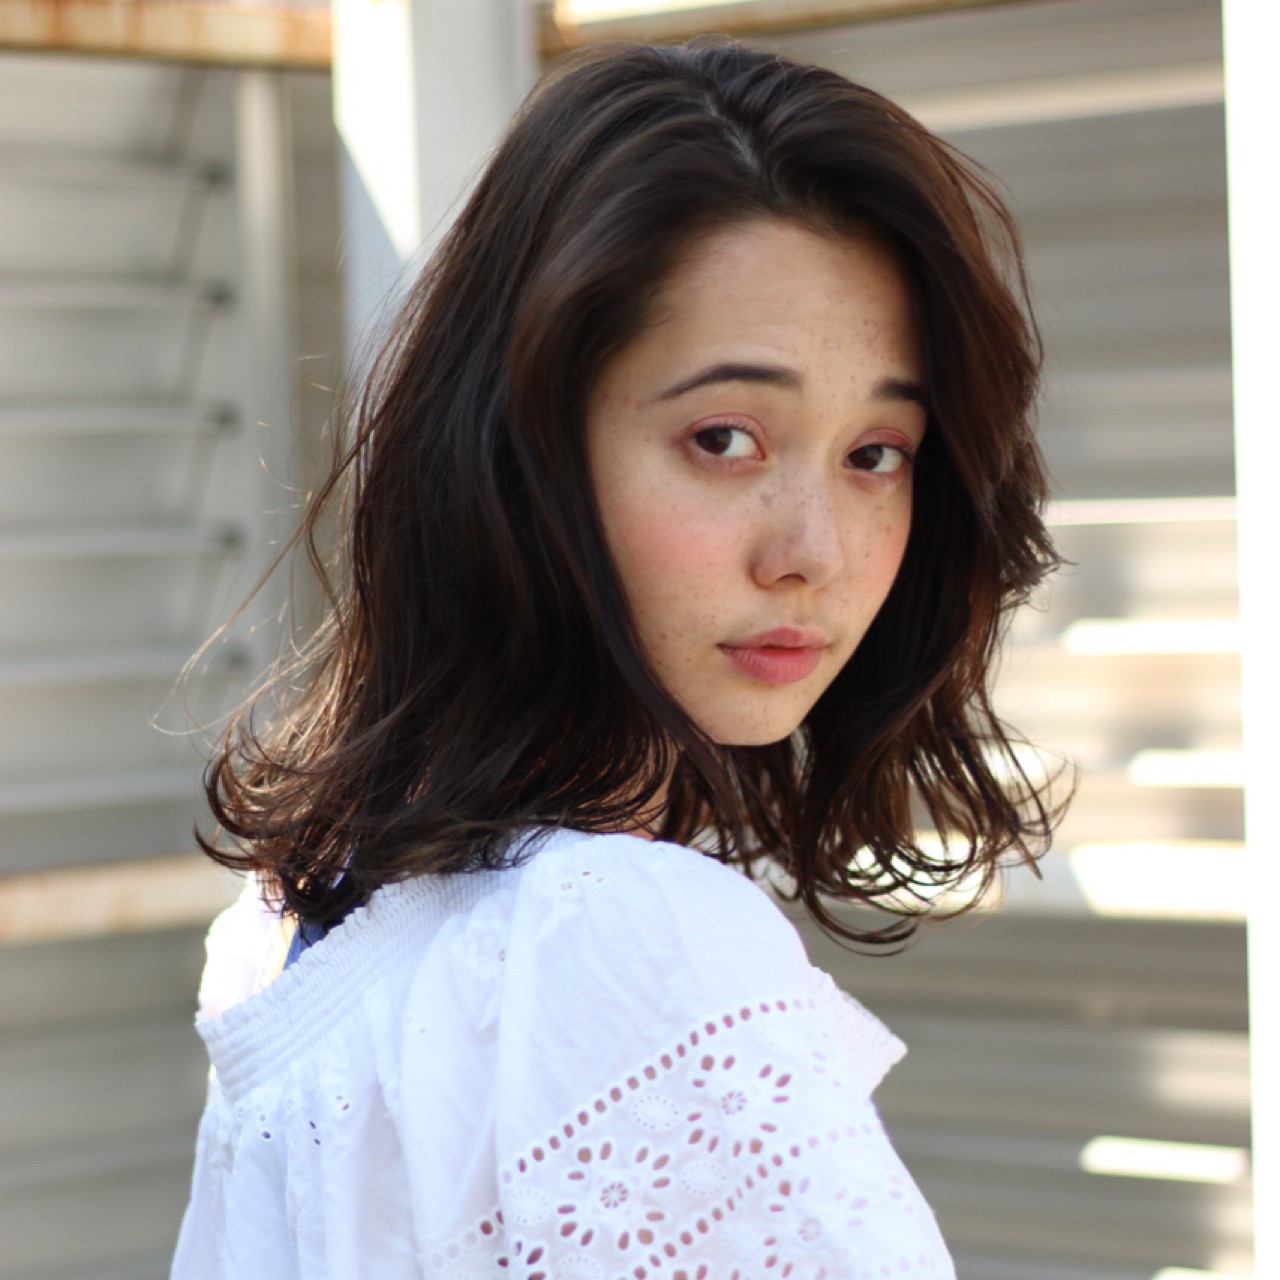 デート 雨の日 ナチュラル ミディアム ヘアスタイルや髪型の写真・画像 | 岡田 有希 / Neolive caff